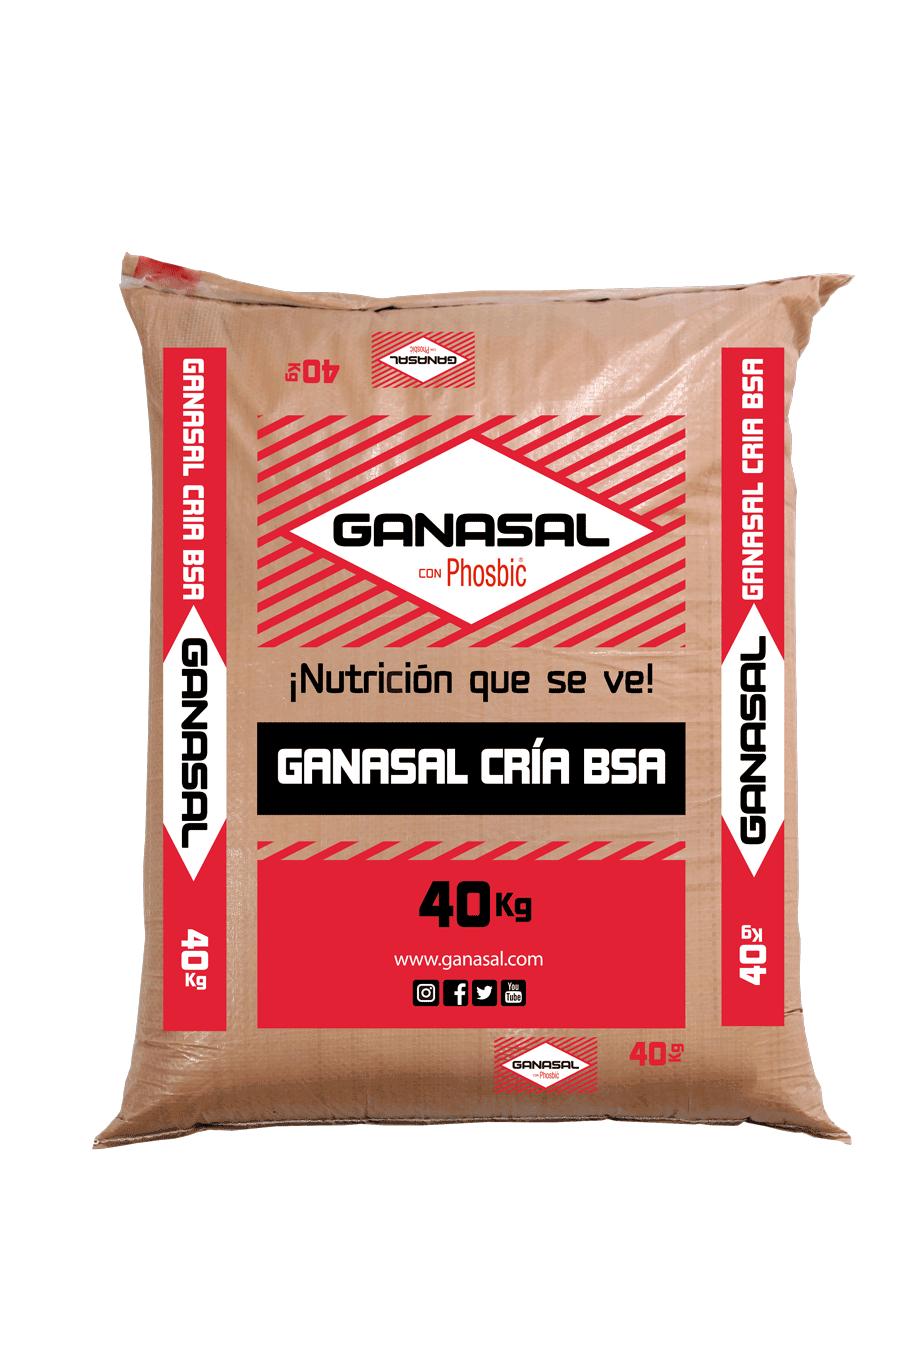 Ganasal-Cria-BSA-Ganasal.png